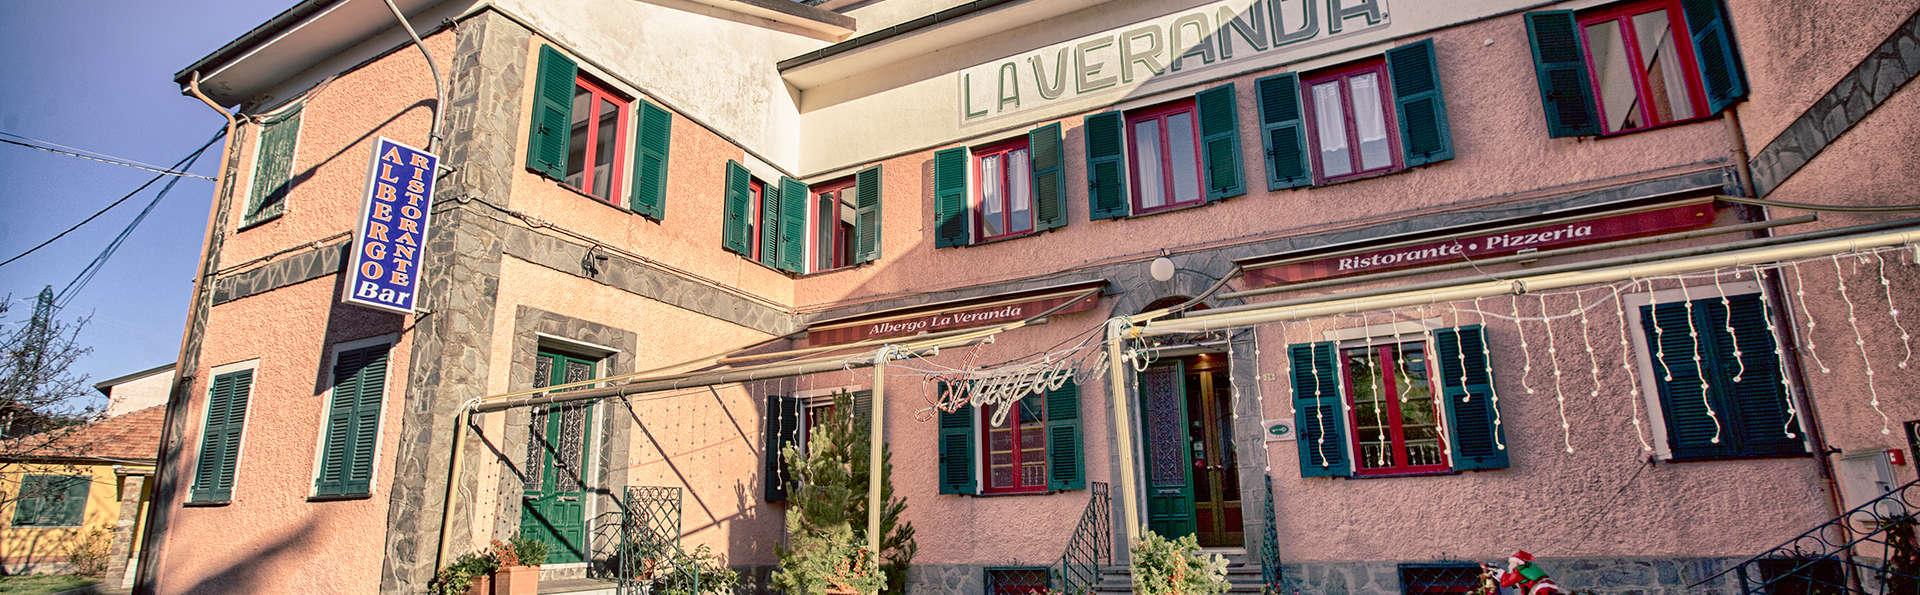 Albergo Ristorante La Veranda - EDIT_front1.jpg